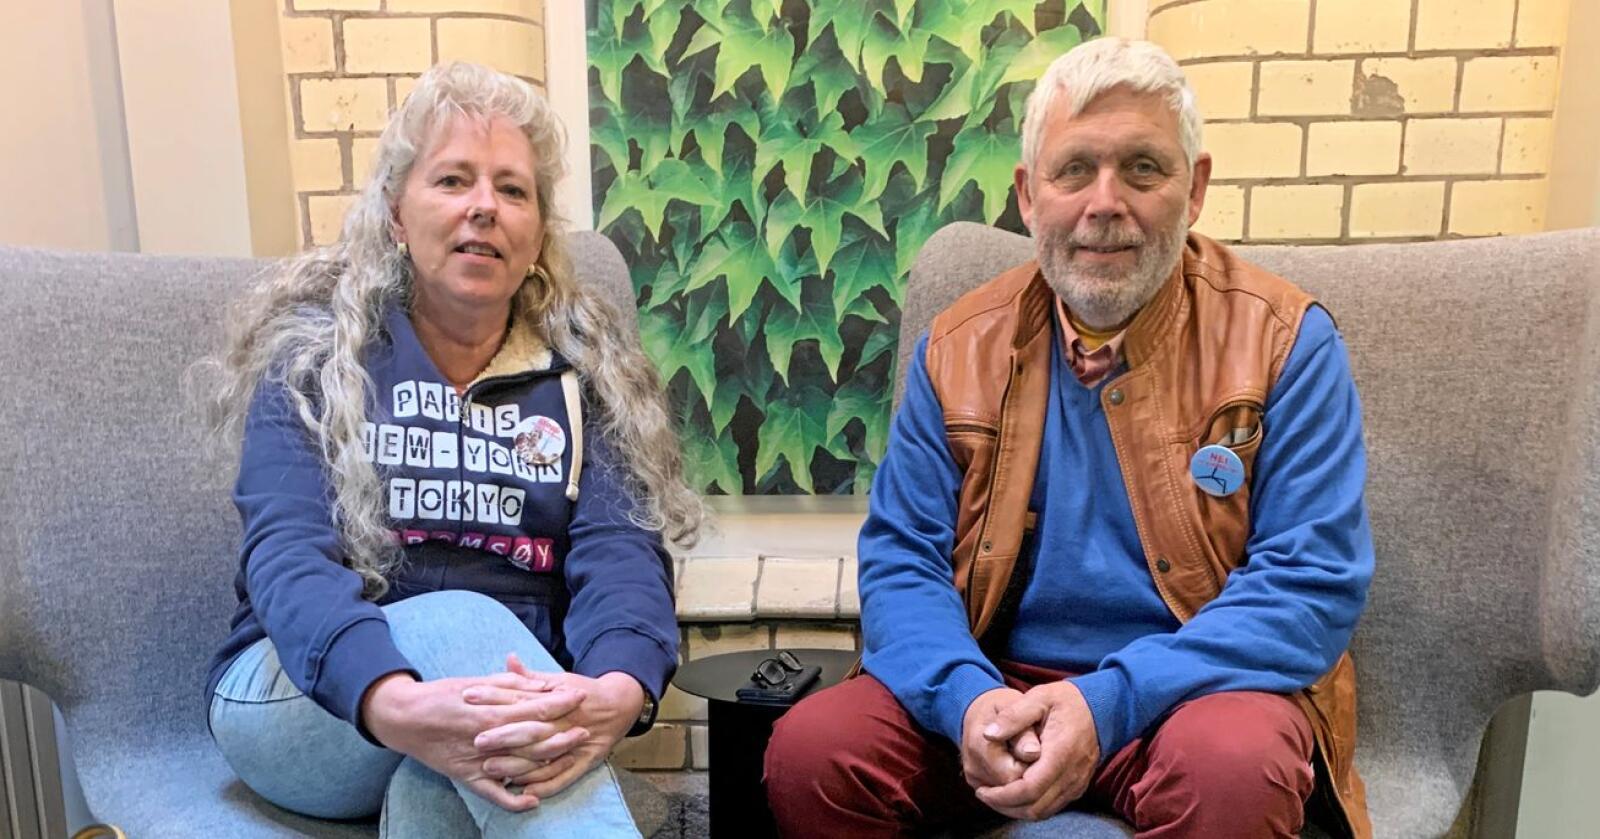 Kari og Hans Petter Thue fra Haramsøya ønsker å hindre vindkraftutbyggerne å bruke veien deres til og fra utbyggingen av vindkraftanlegget. Foto: Andrea Sørøy